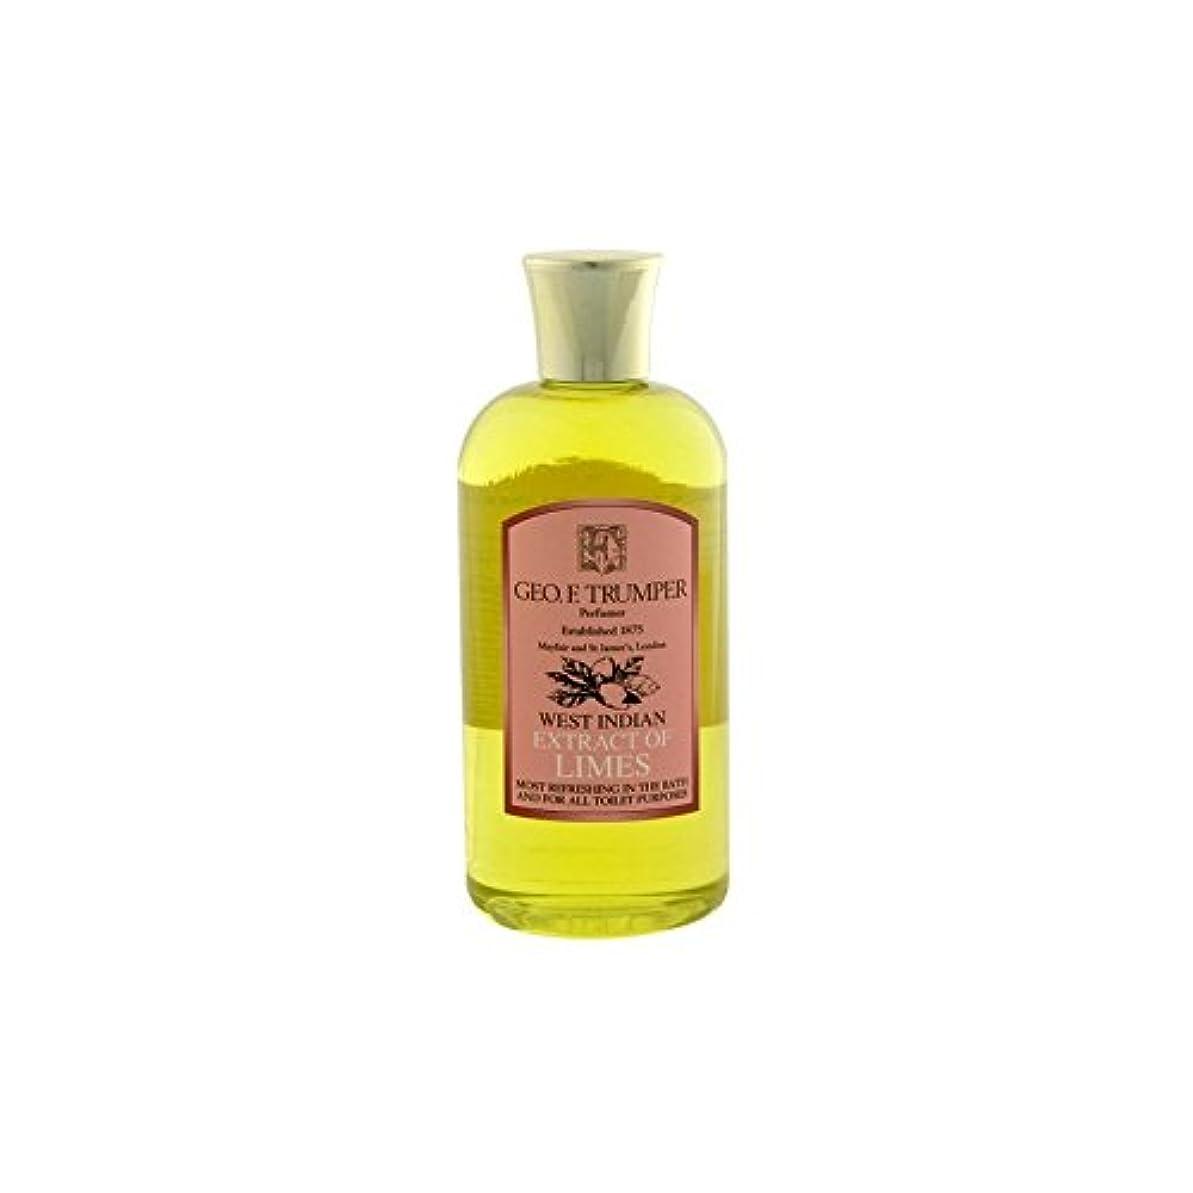 目的博物館上がるライムのバス&シャワージェル - 500ミリリットル旅 x2 - Trumpers Limes Bath & Shower Gel - 500ml Travel (Pack of 2) [並行輸入品]